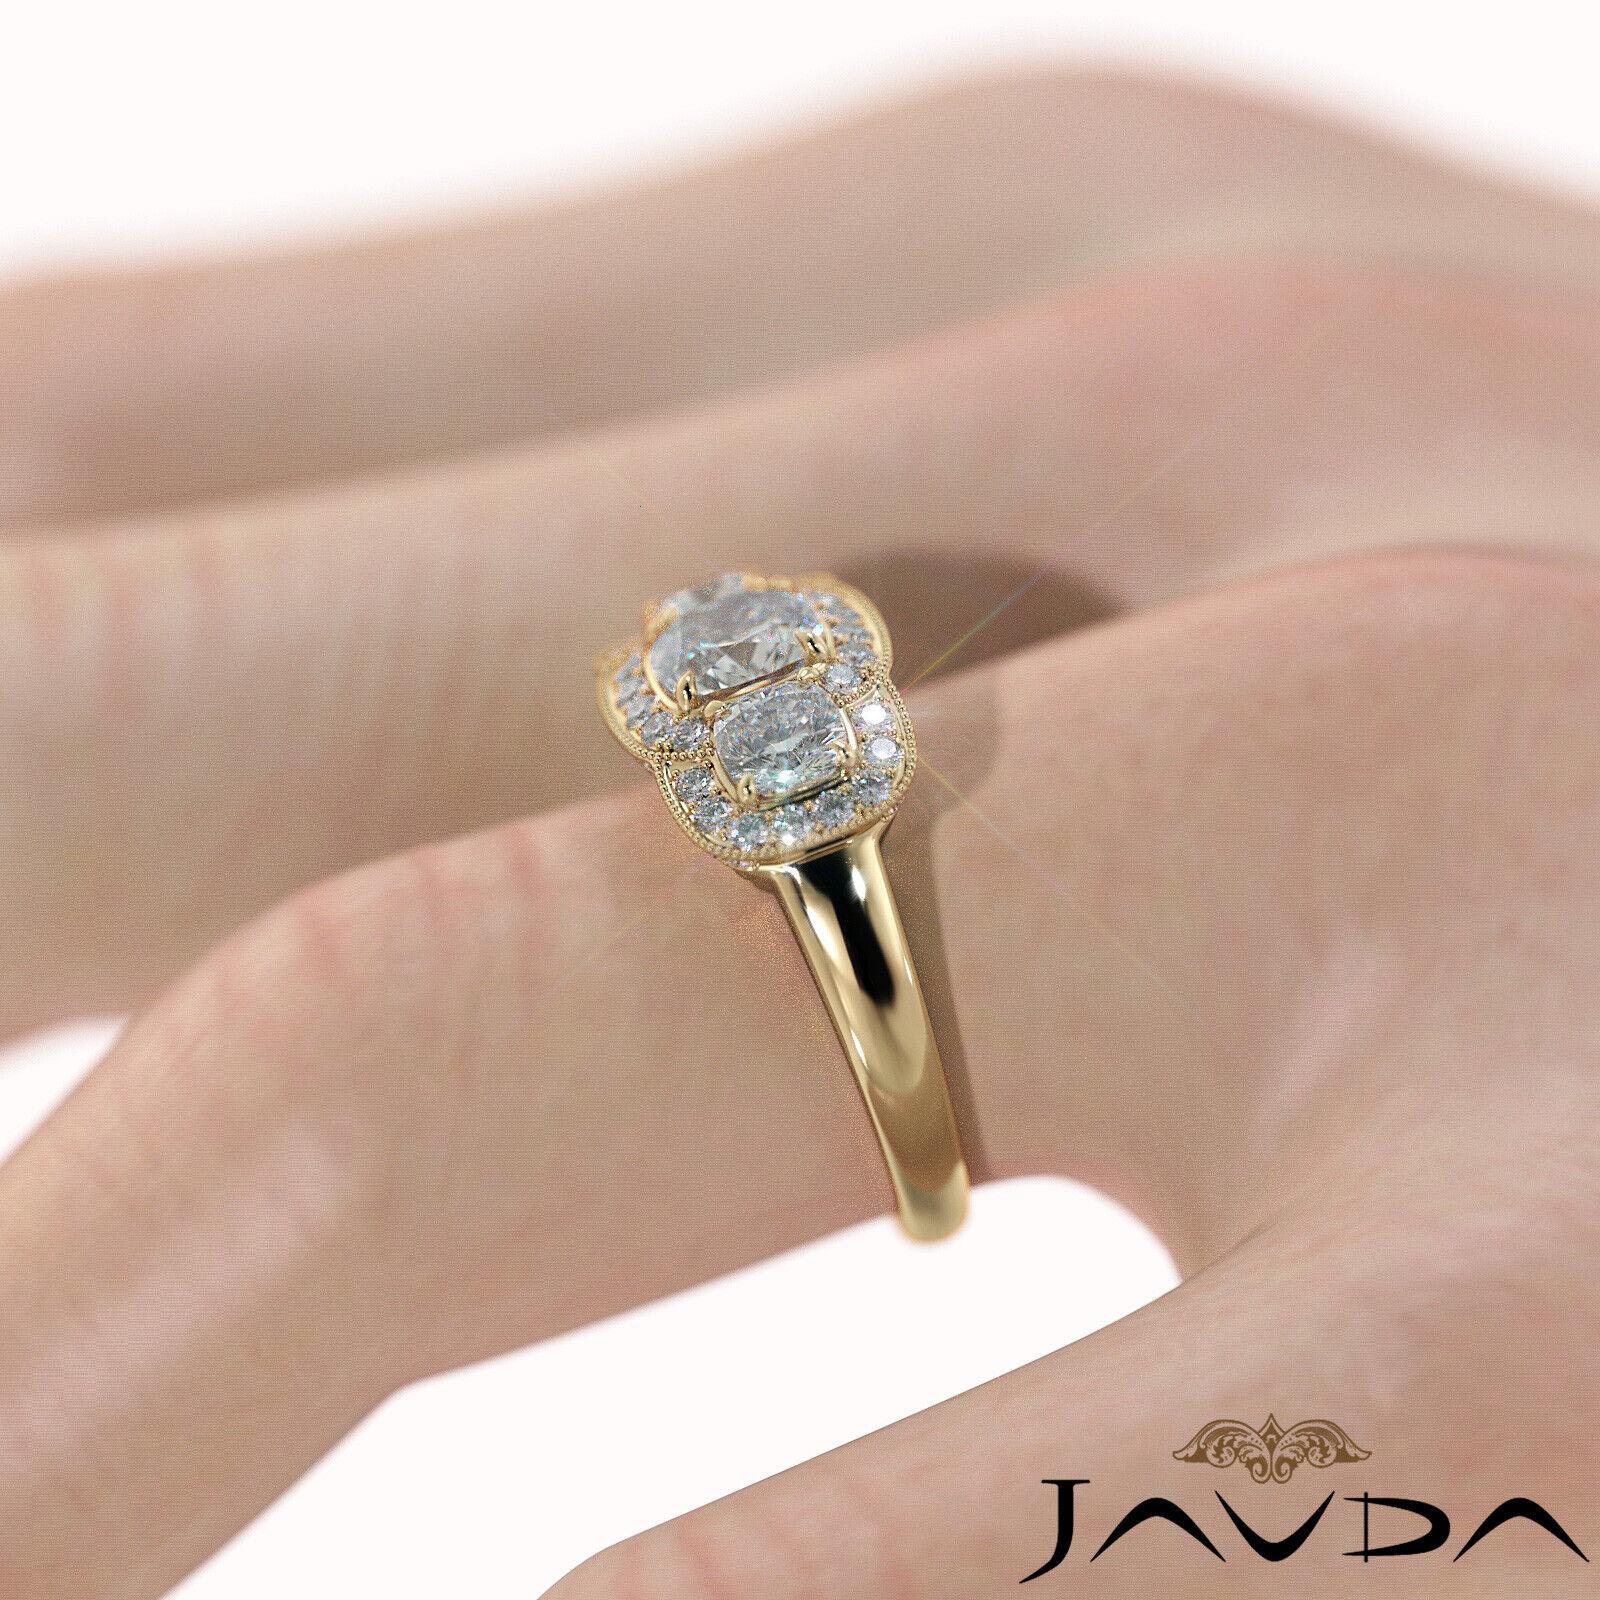 2.25ctw Milgrain Halo 3 Stone Cushion Diamond Engagement Ring GIA I-SI1 W Gold 11